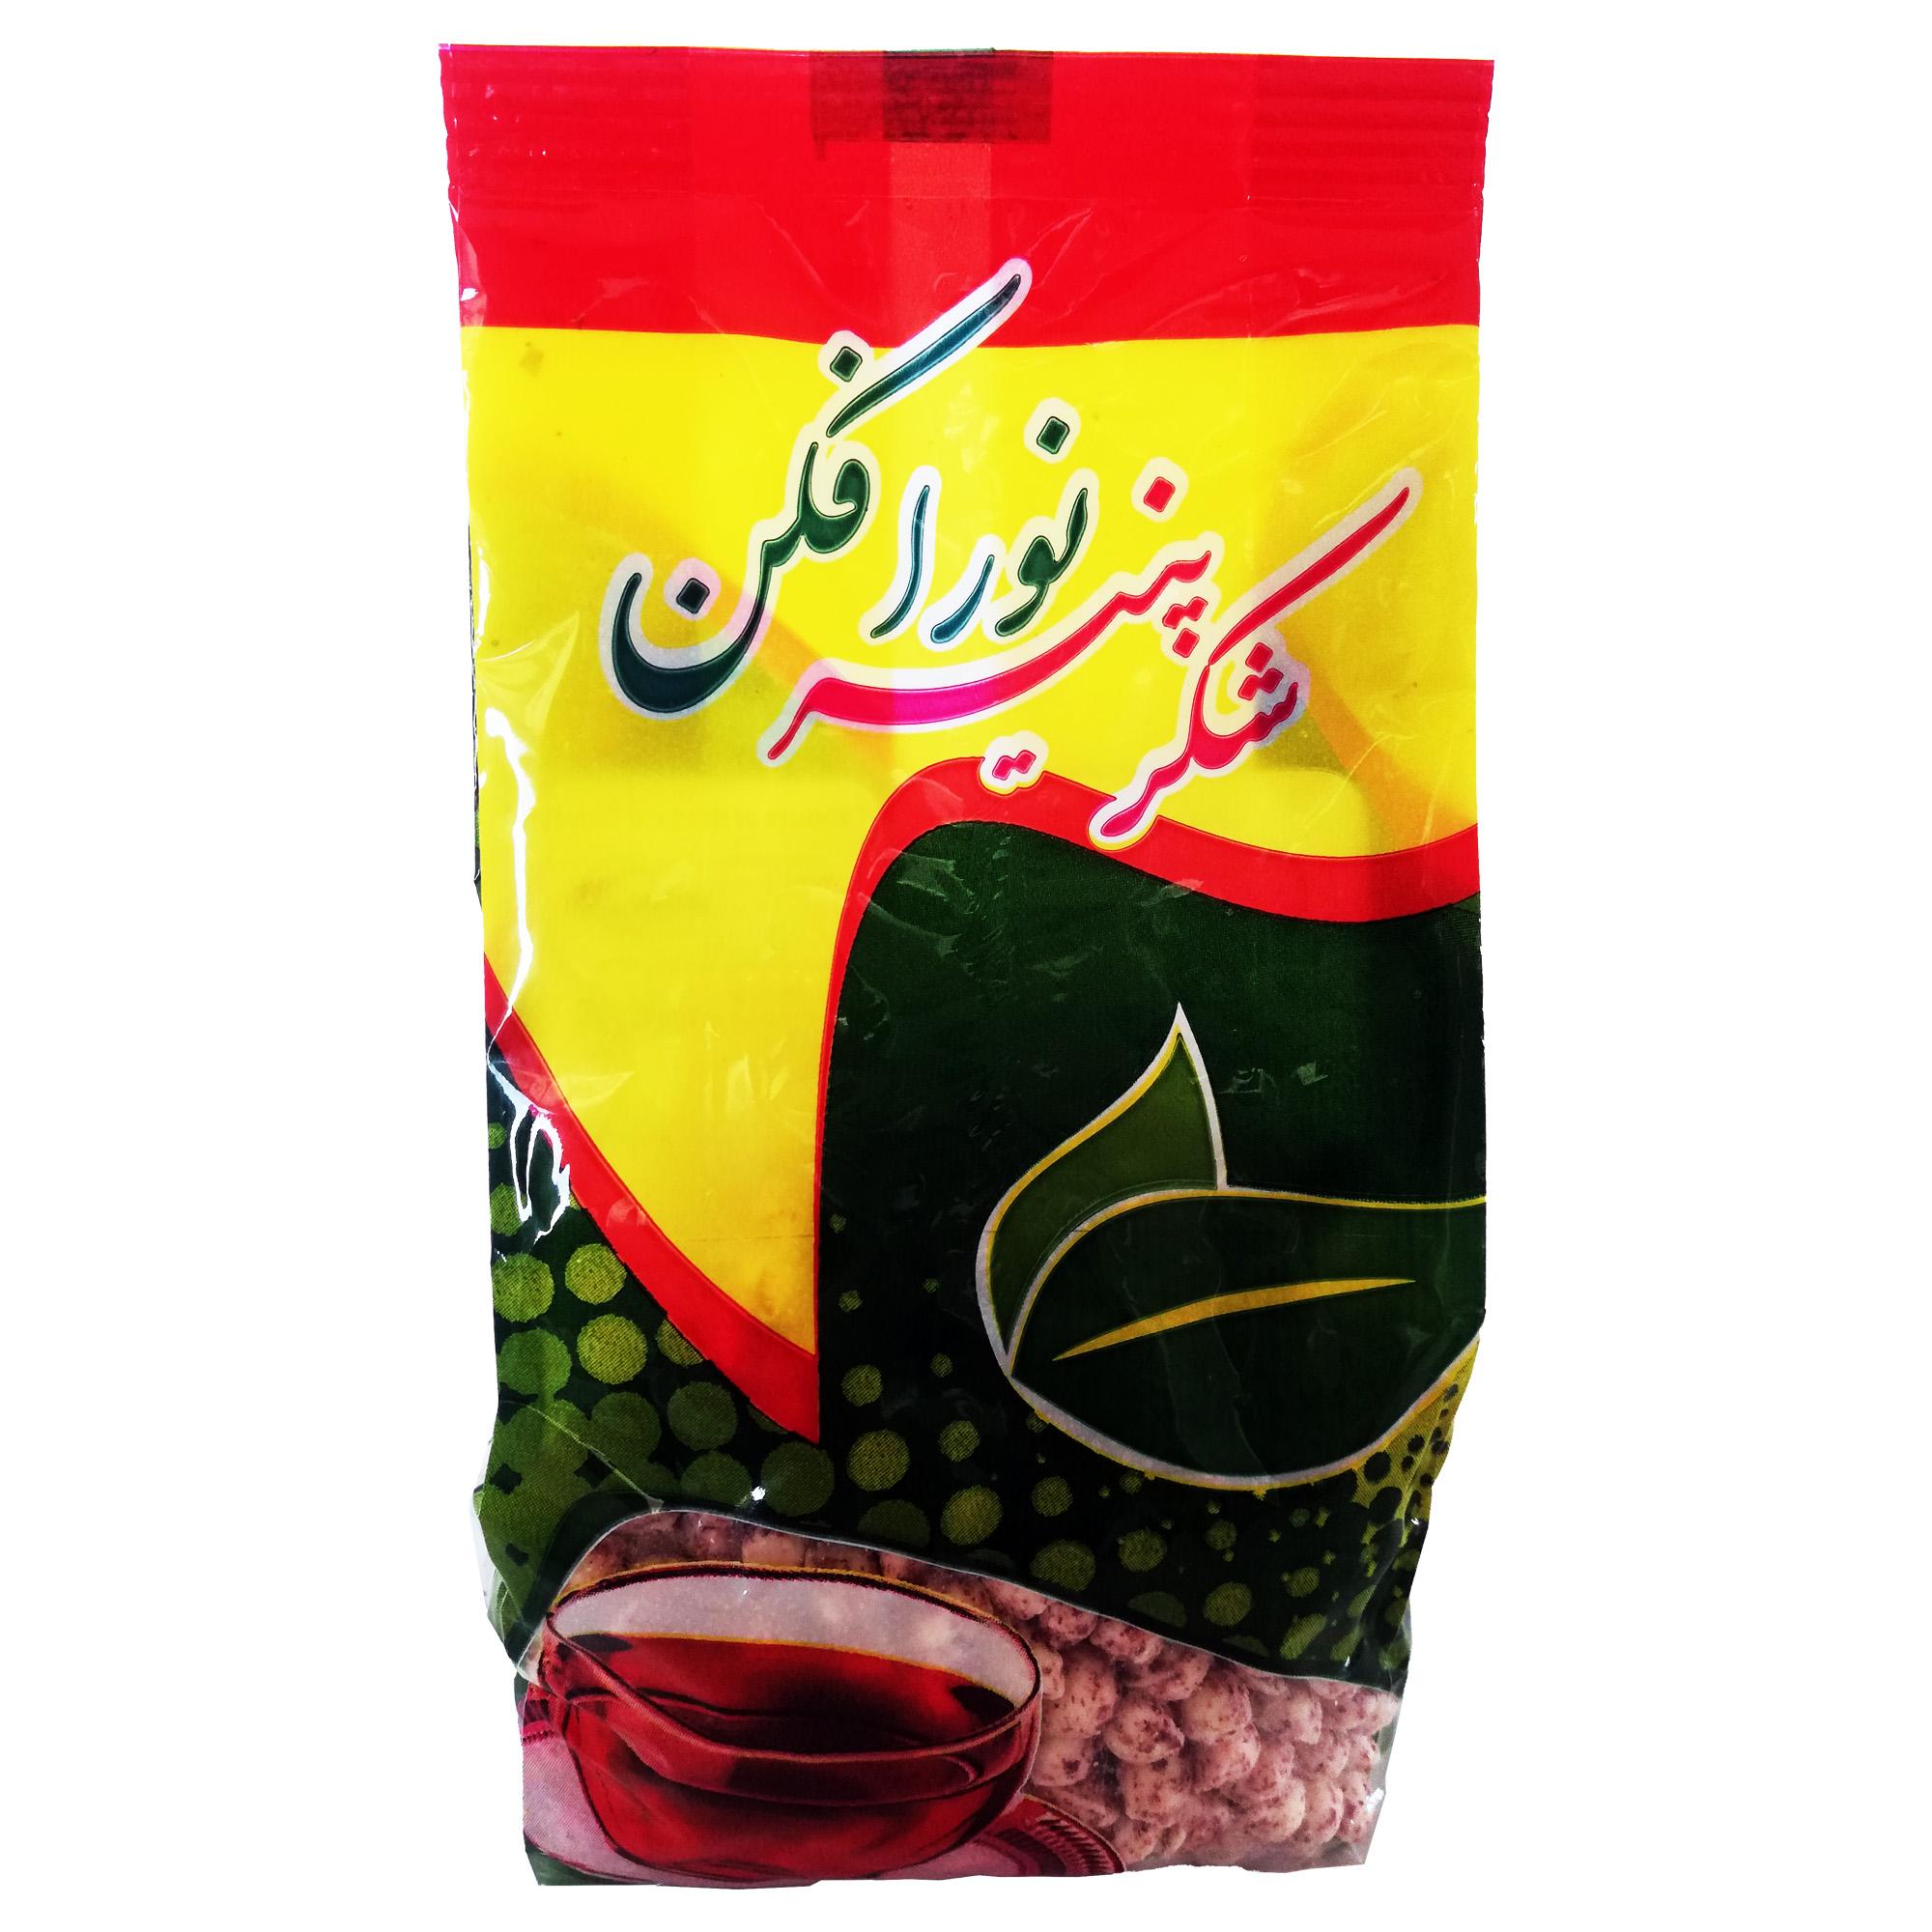 شکرپنیر رژیمی نورافکن با طعم گل محمدی طبیعی - 350 گرم